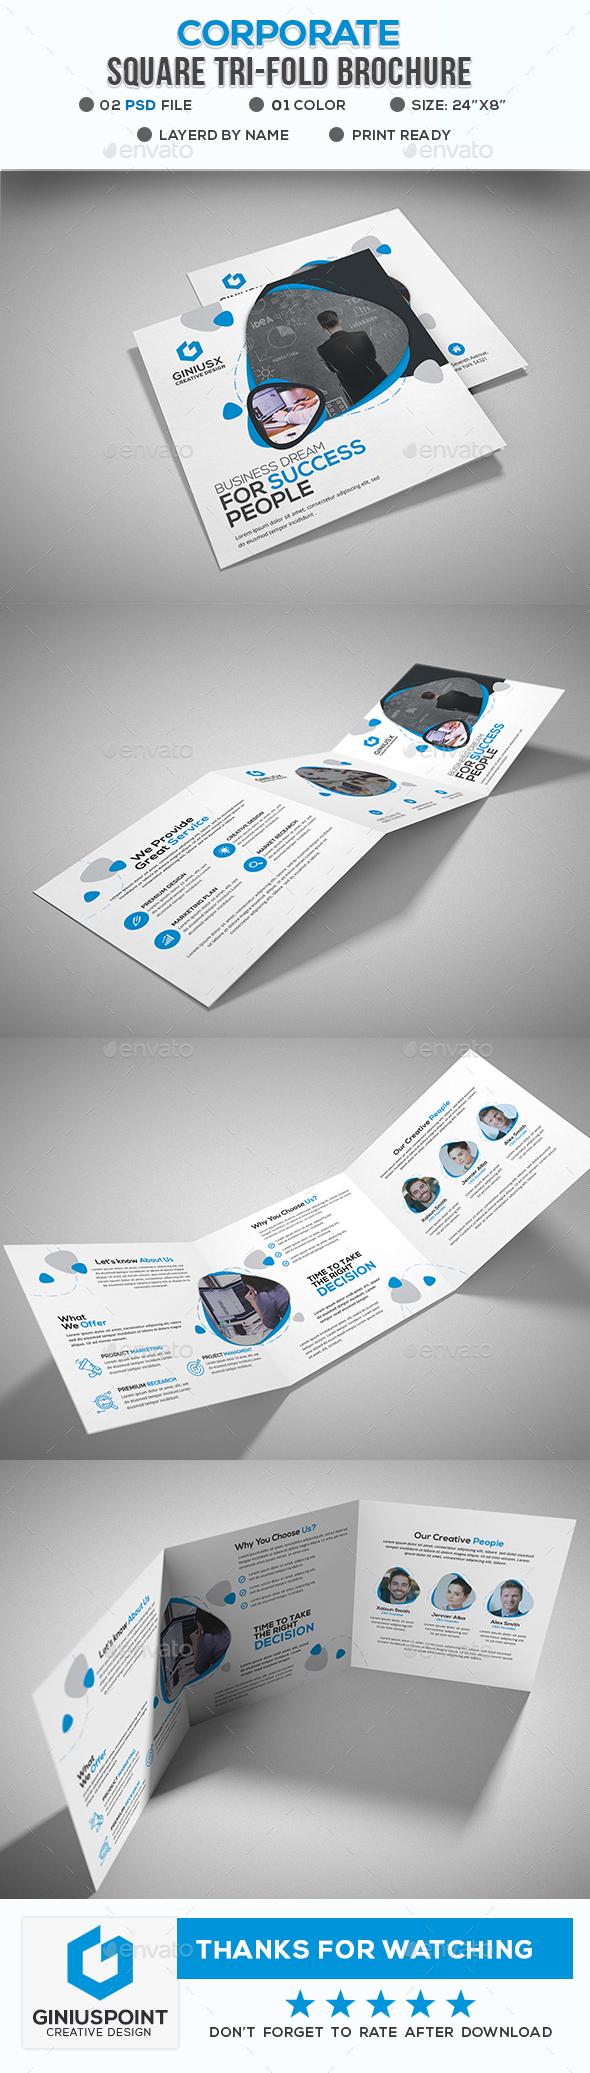 GraphicRiver Corporate Square Tri-Fold Brochure 20766685